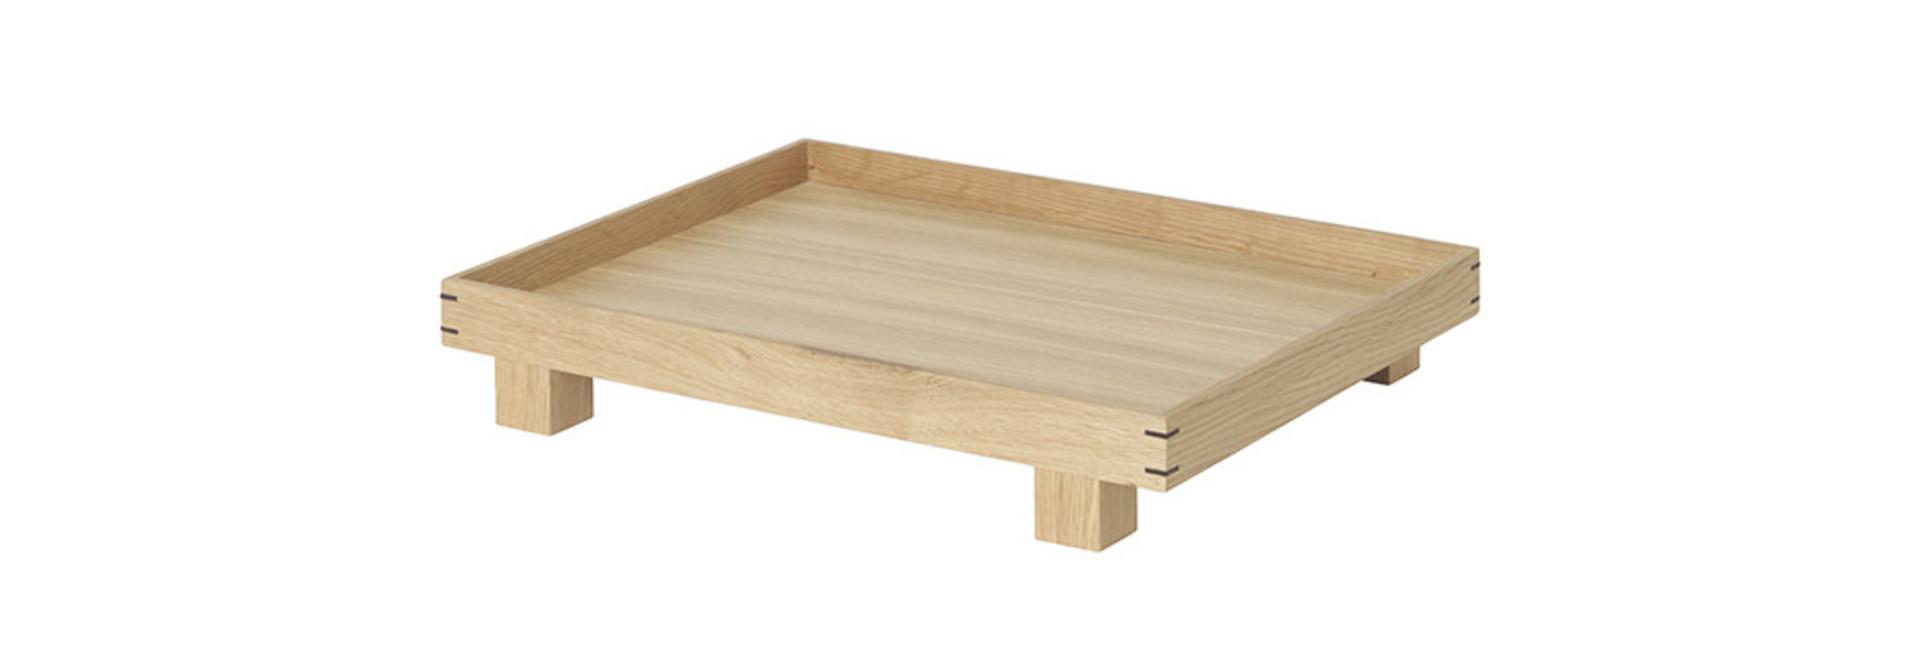 Bon Wooden Tray Small